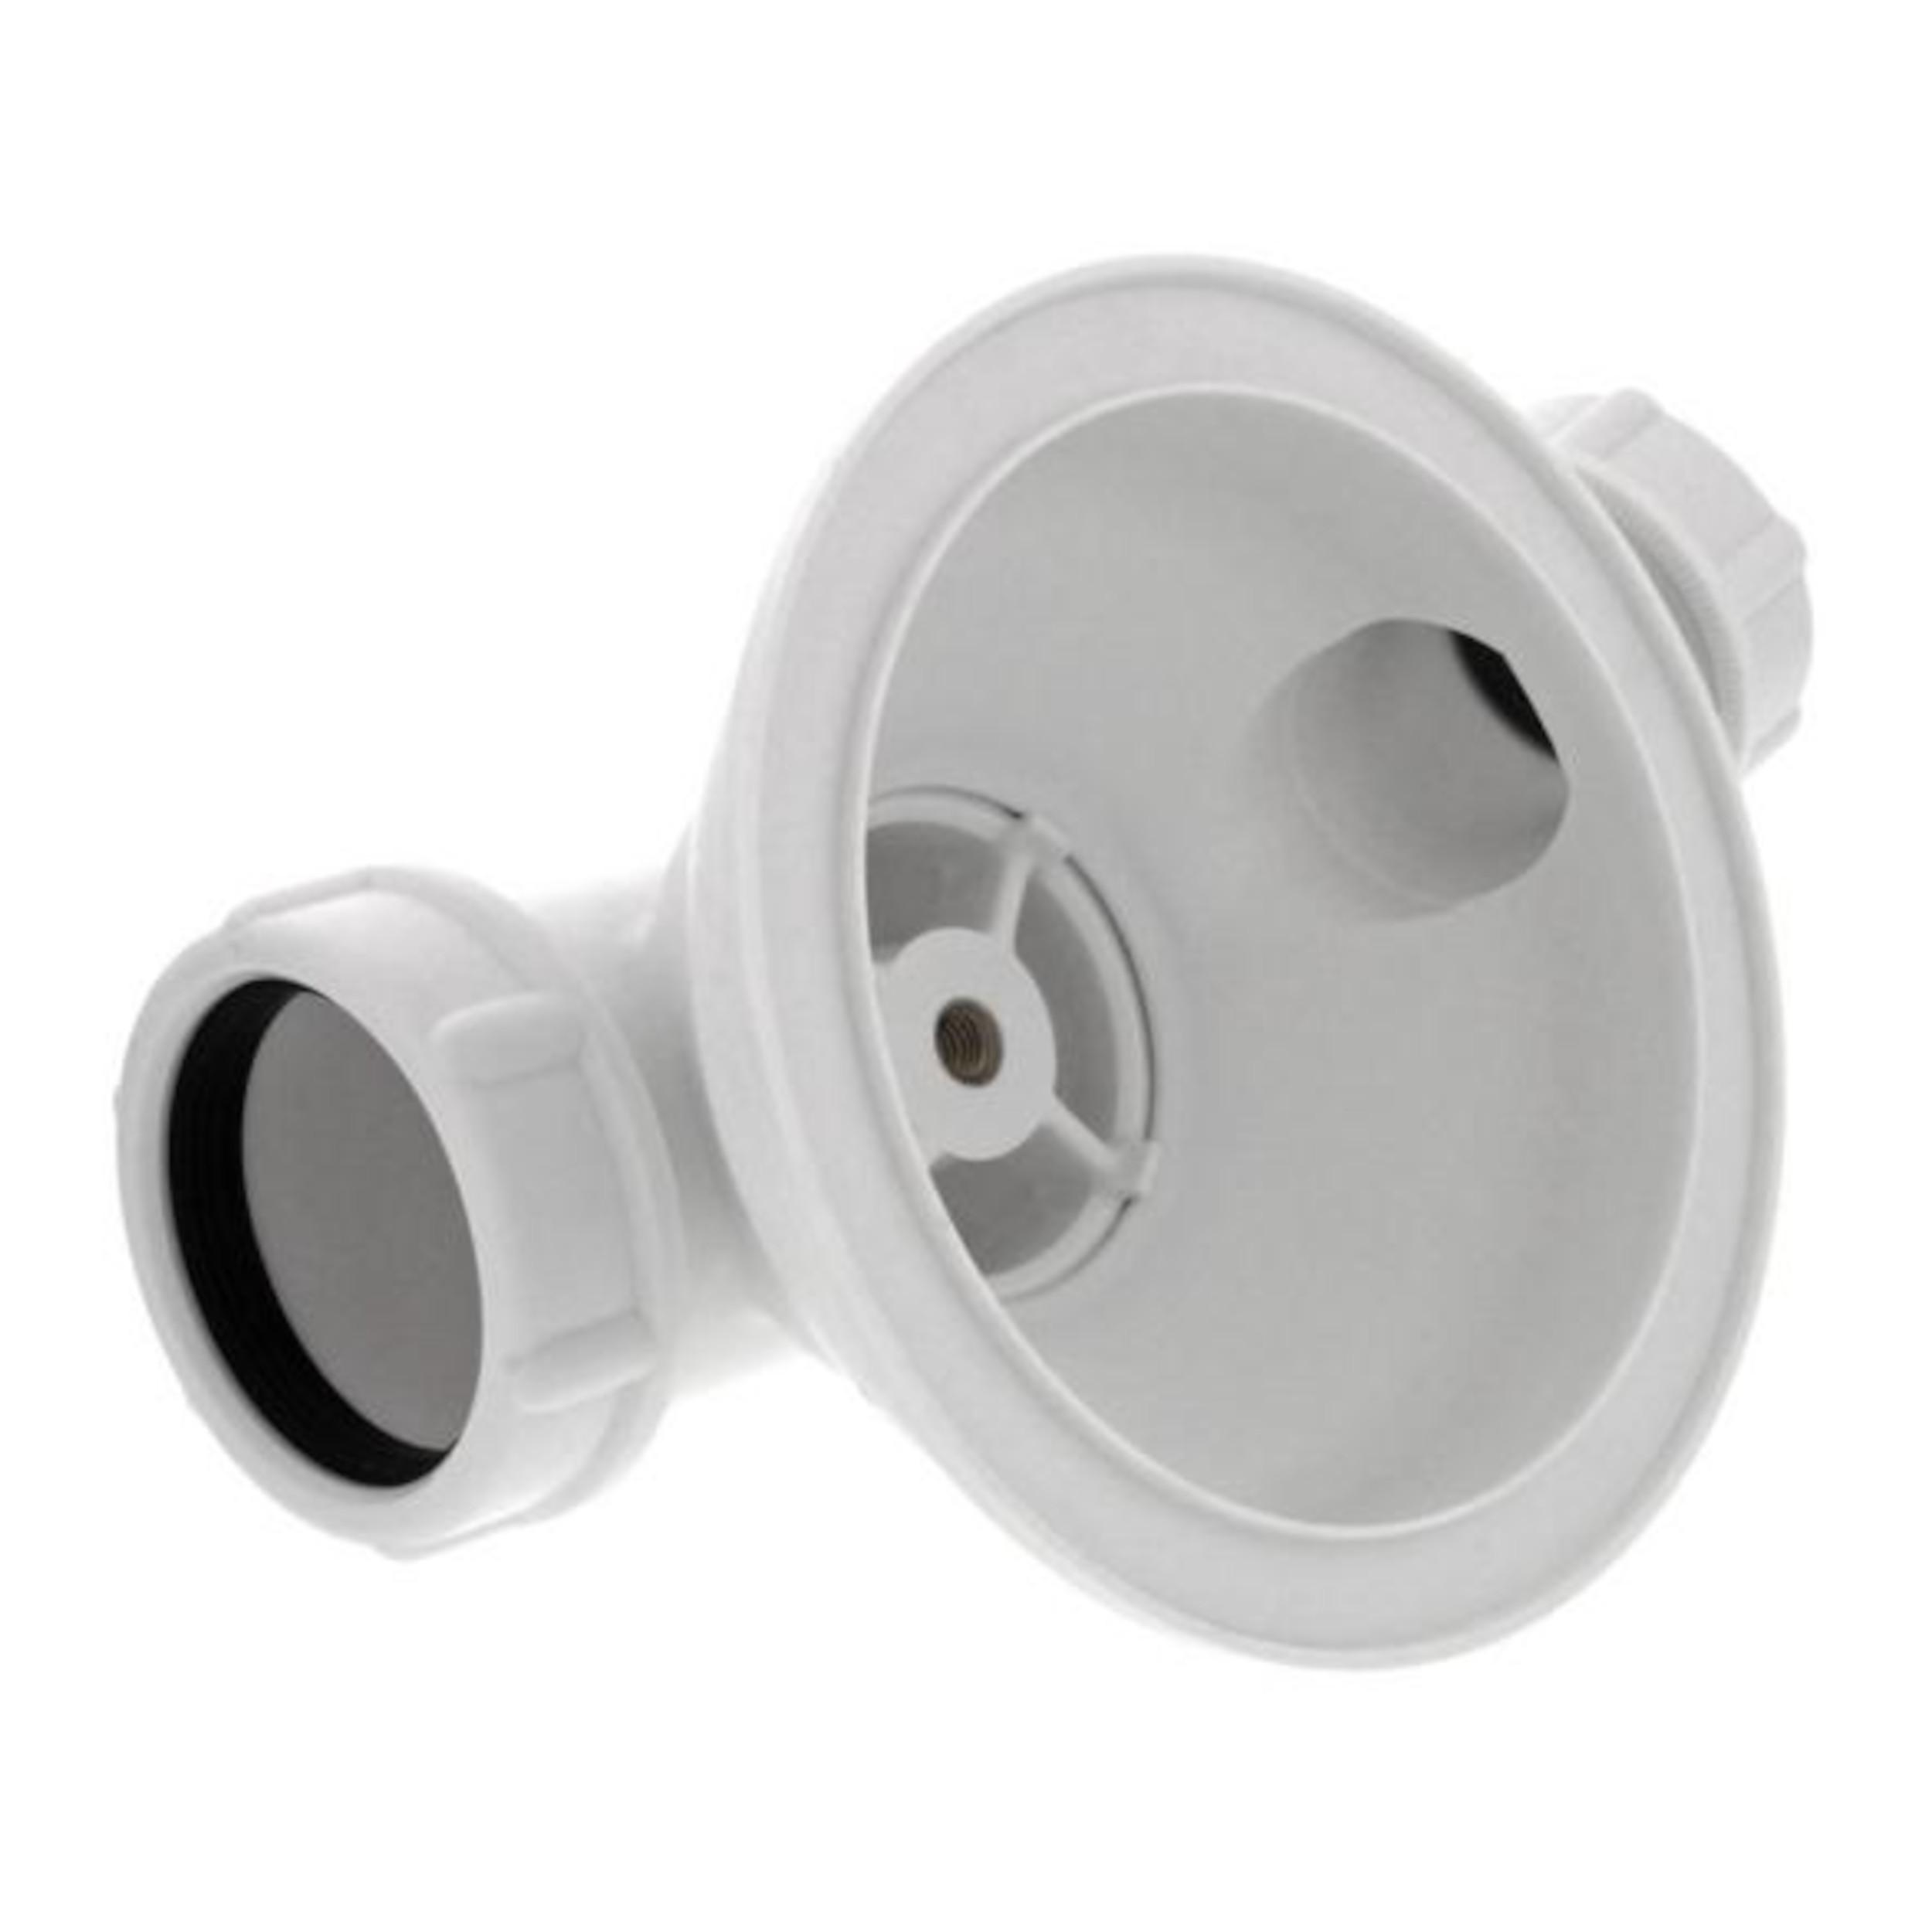 """BLANCO Ablaufventil 3,5"""" mit Überlaufanschluss VI, weiß 128814 für Ablaufgarnitur, Ventil-Körbchen"""